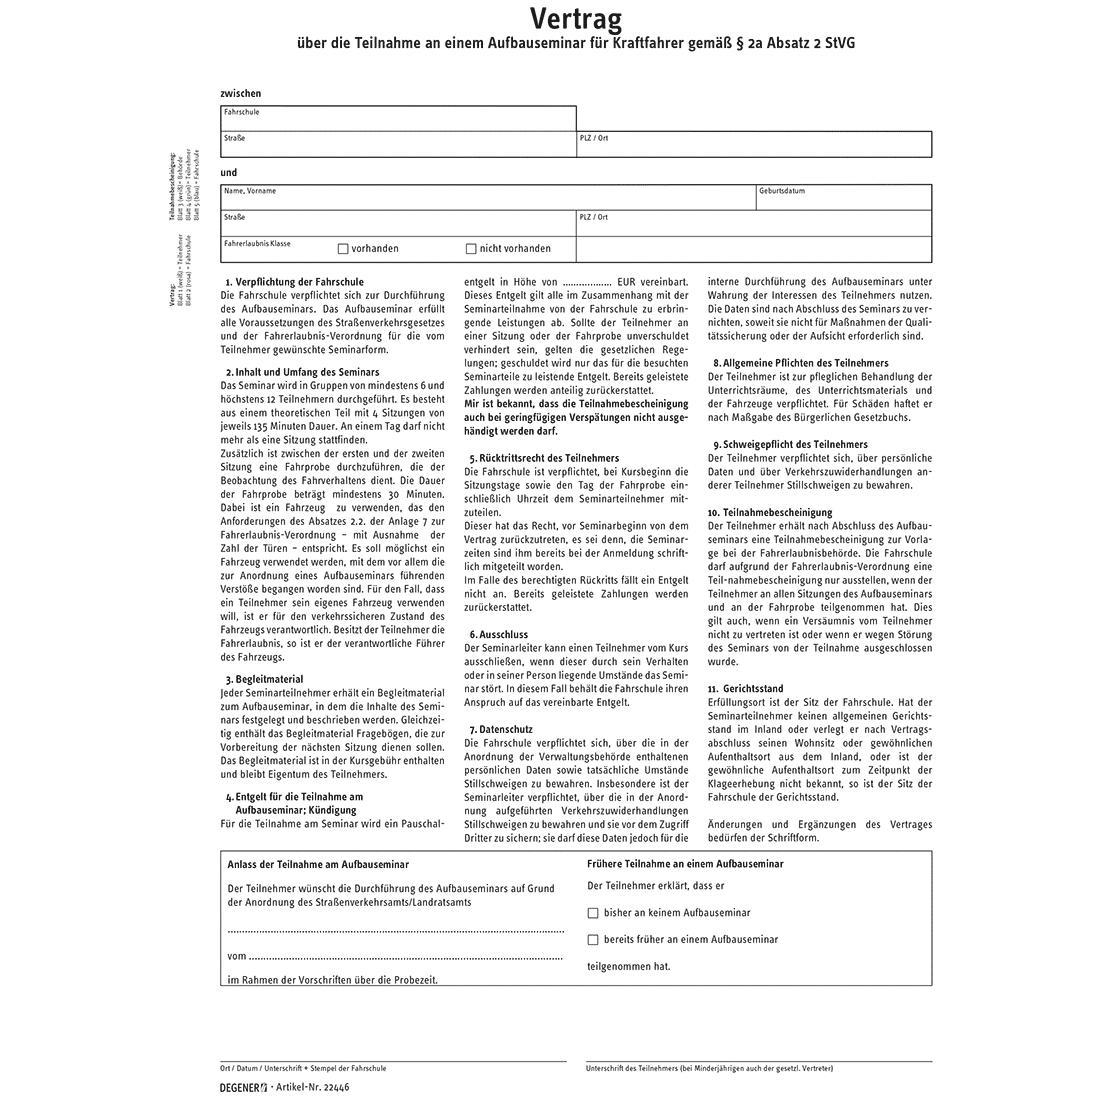 Vertrag Teilnahmebescheinigung Asf Packungseinheit Mit 25